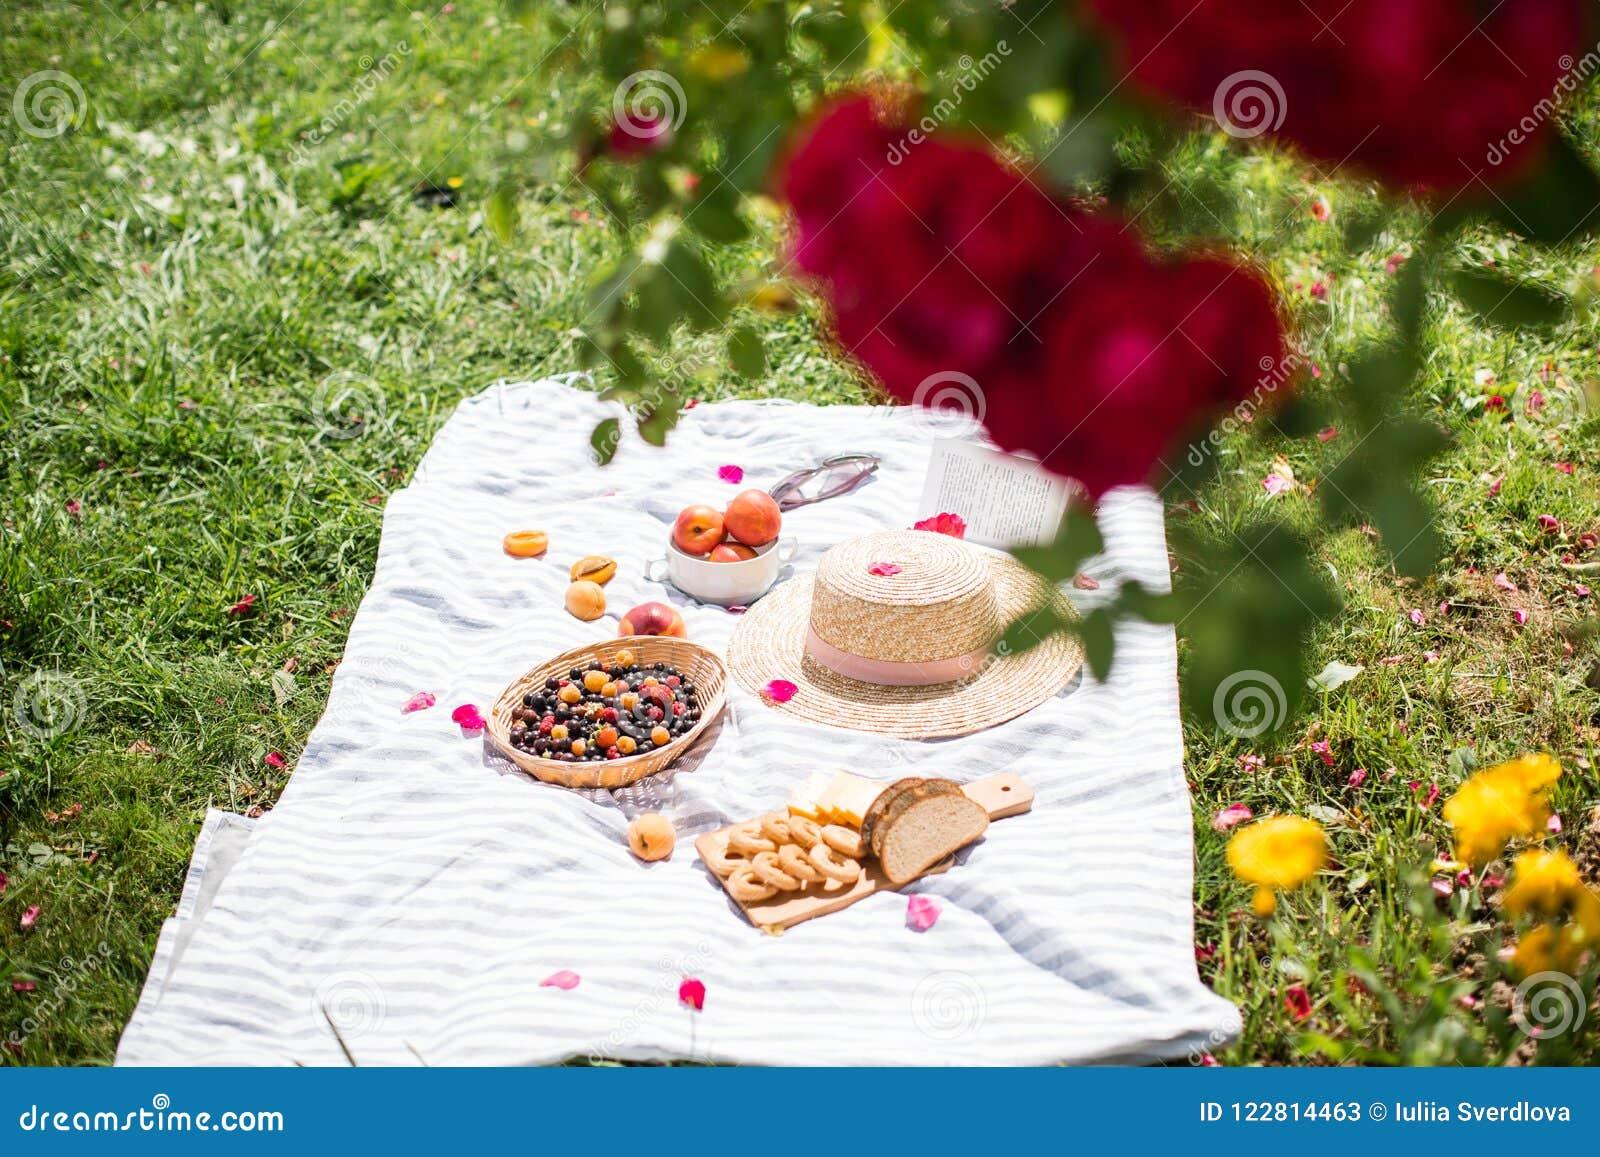 Летние каникулы в саде под красными розами